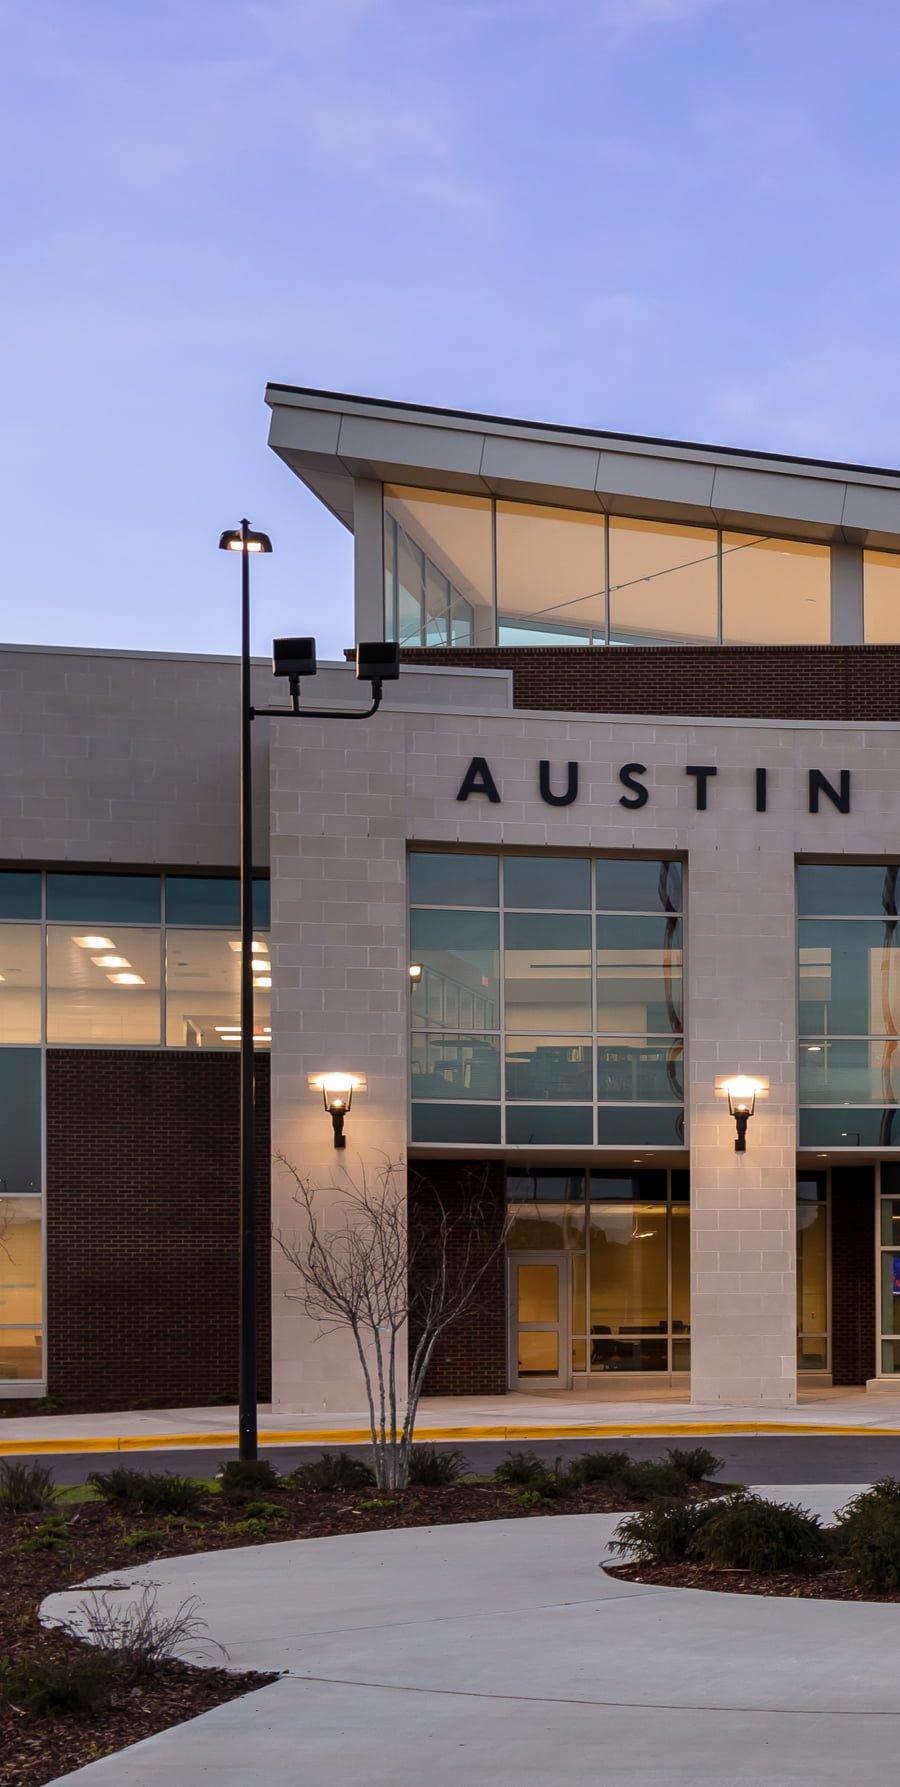 Austin-5-cp-a